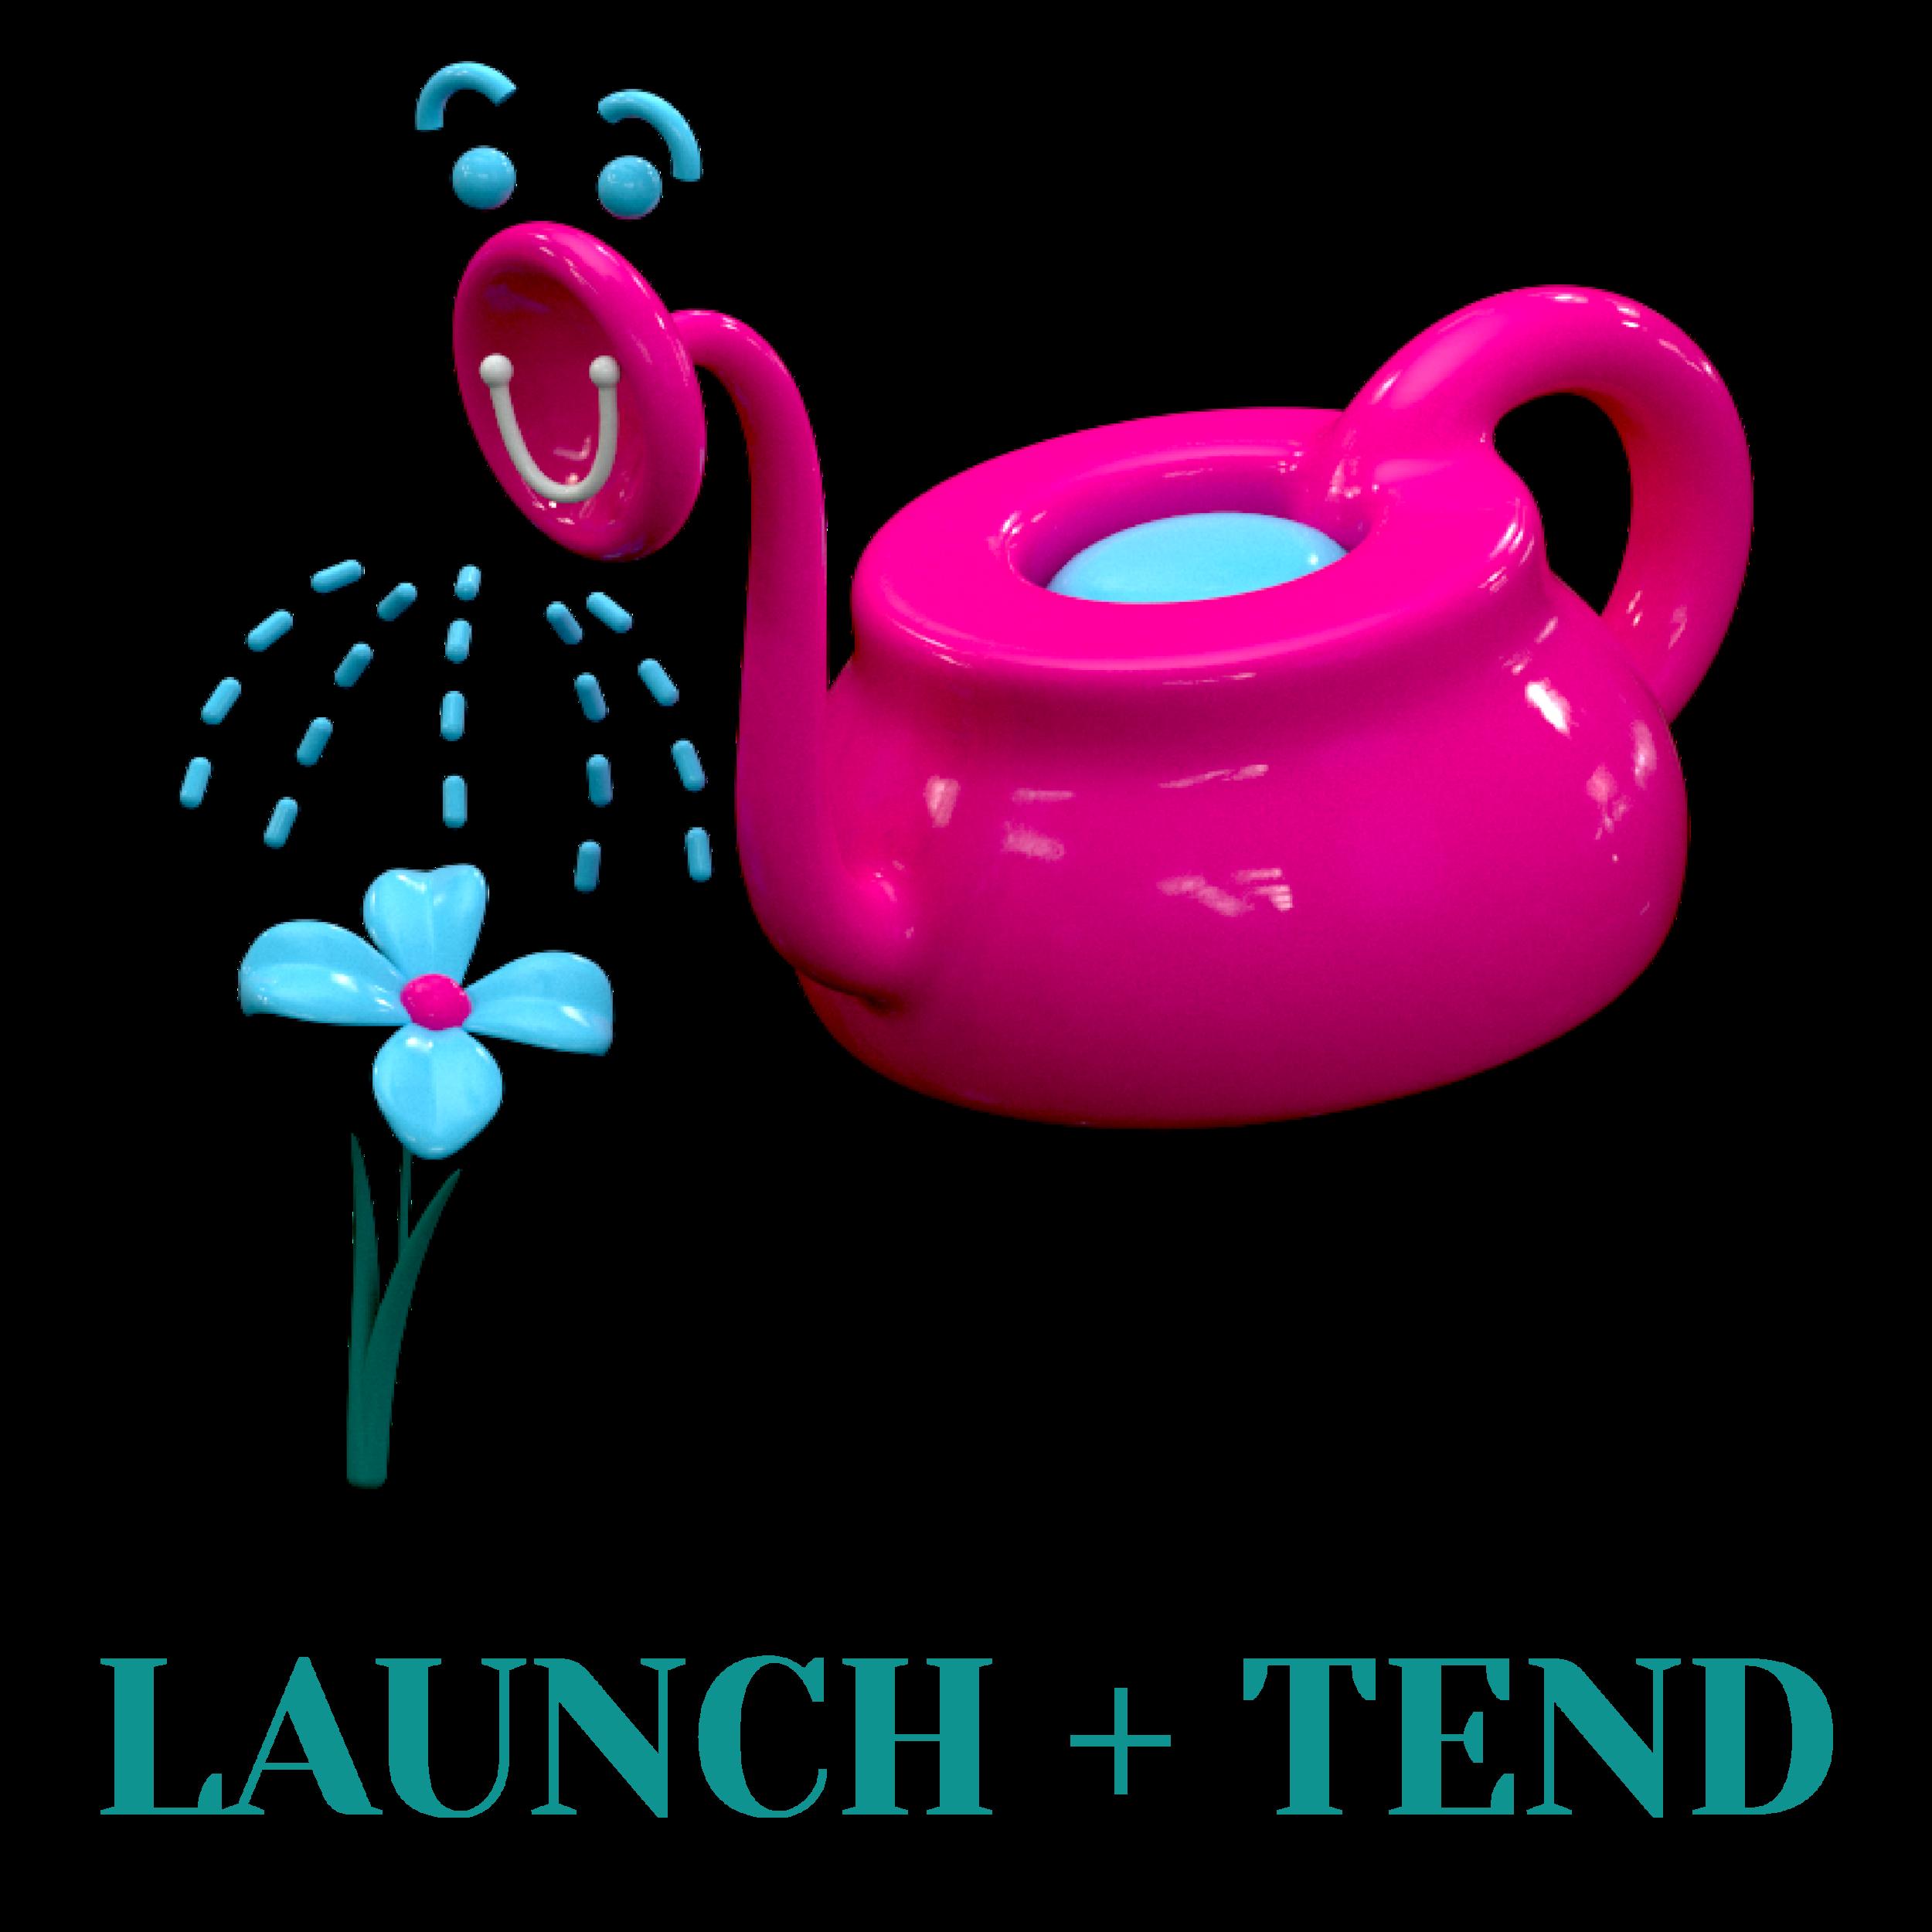 5_ET_Process_Launch_Tend_2.png